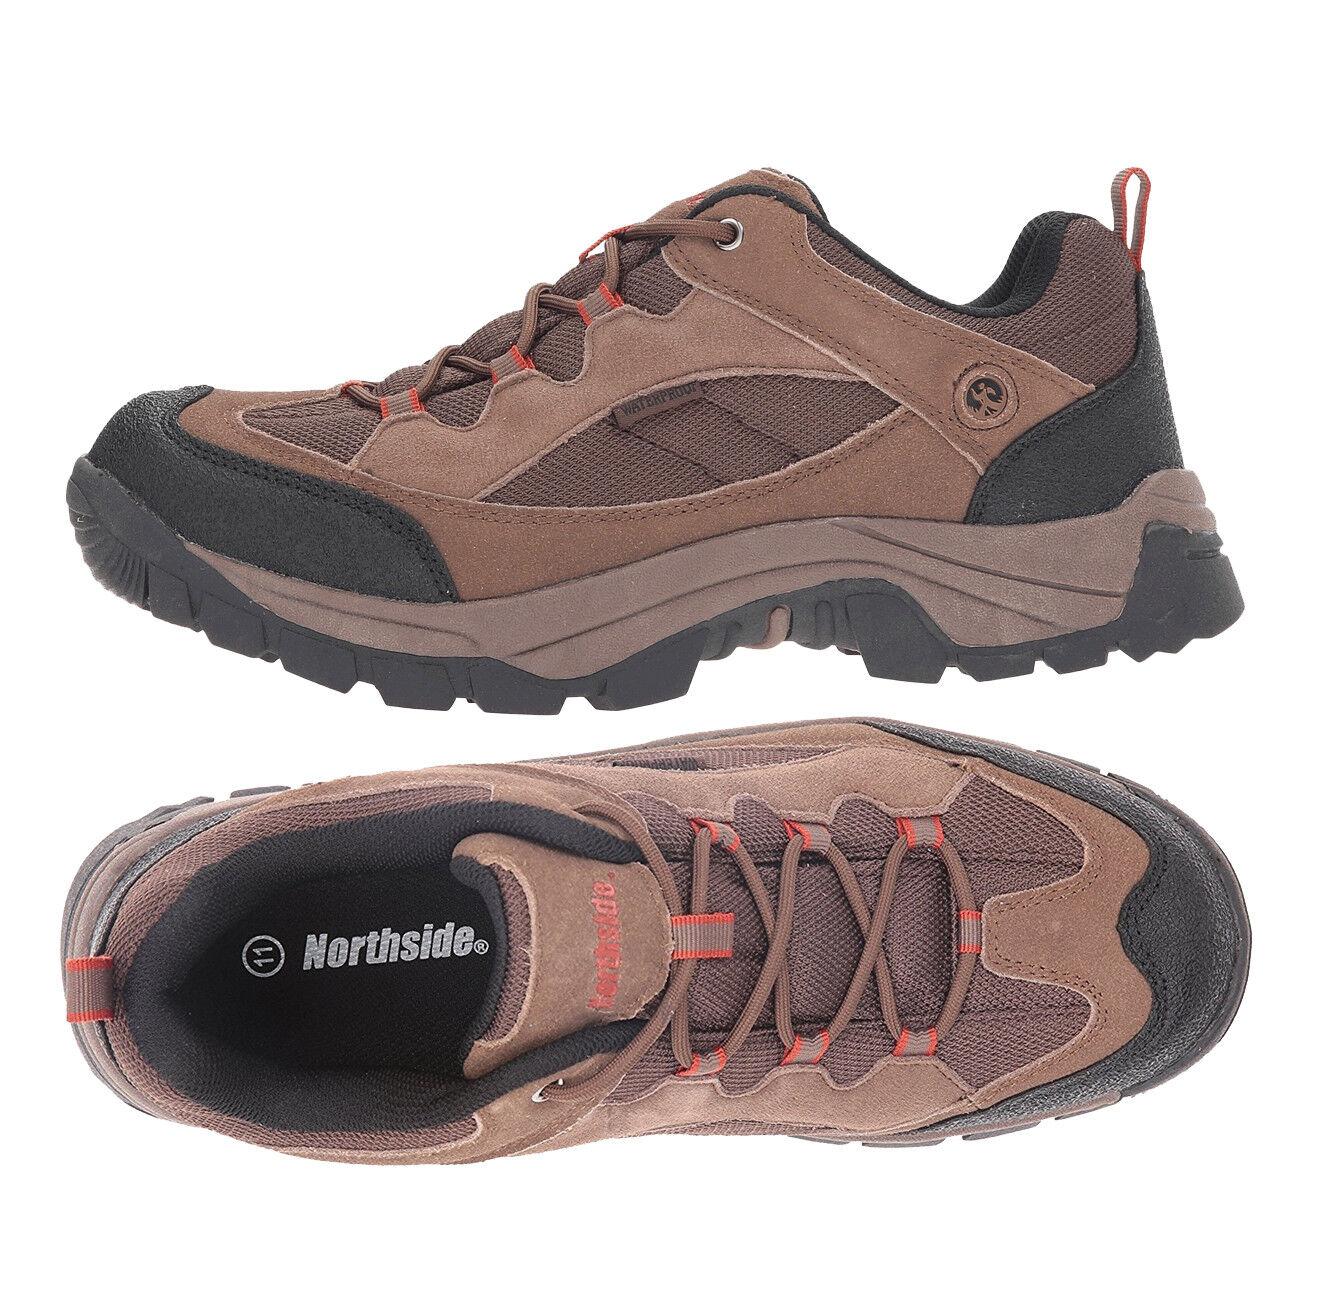 Herren Schuhes Waterproof Hiking Stiefel Braun Suede Northside Montero Stiefel NEW